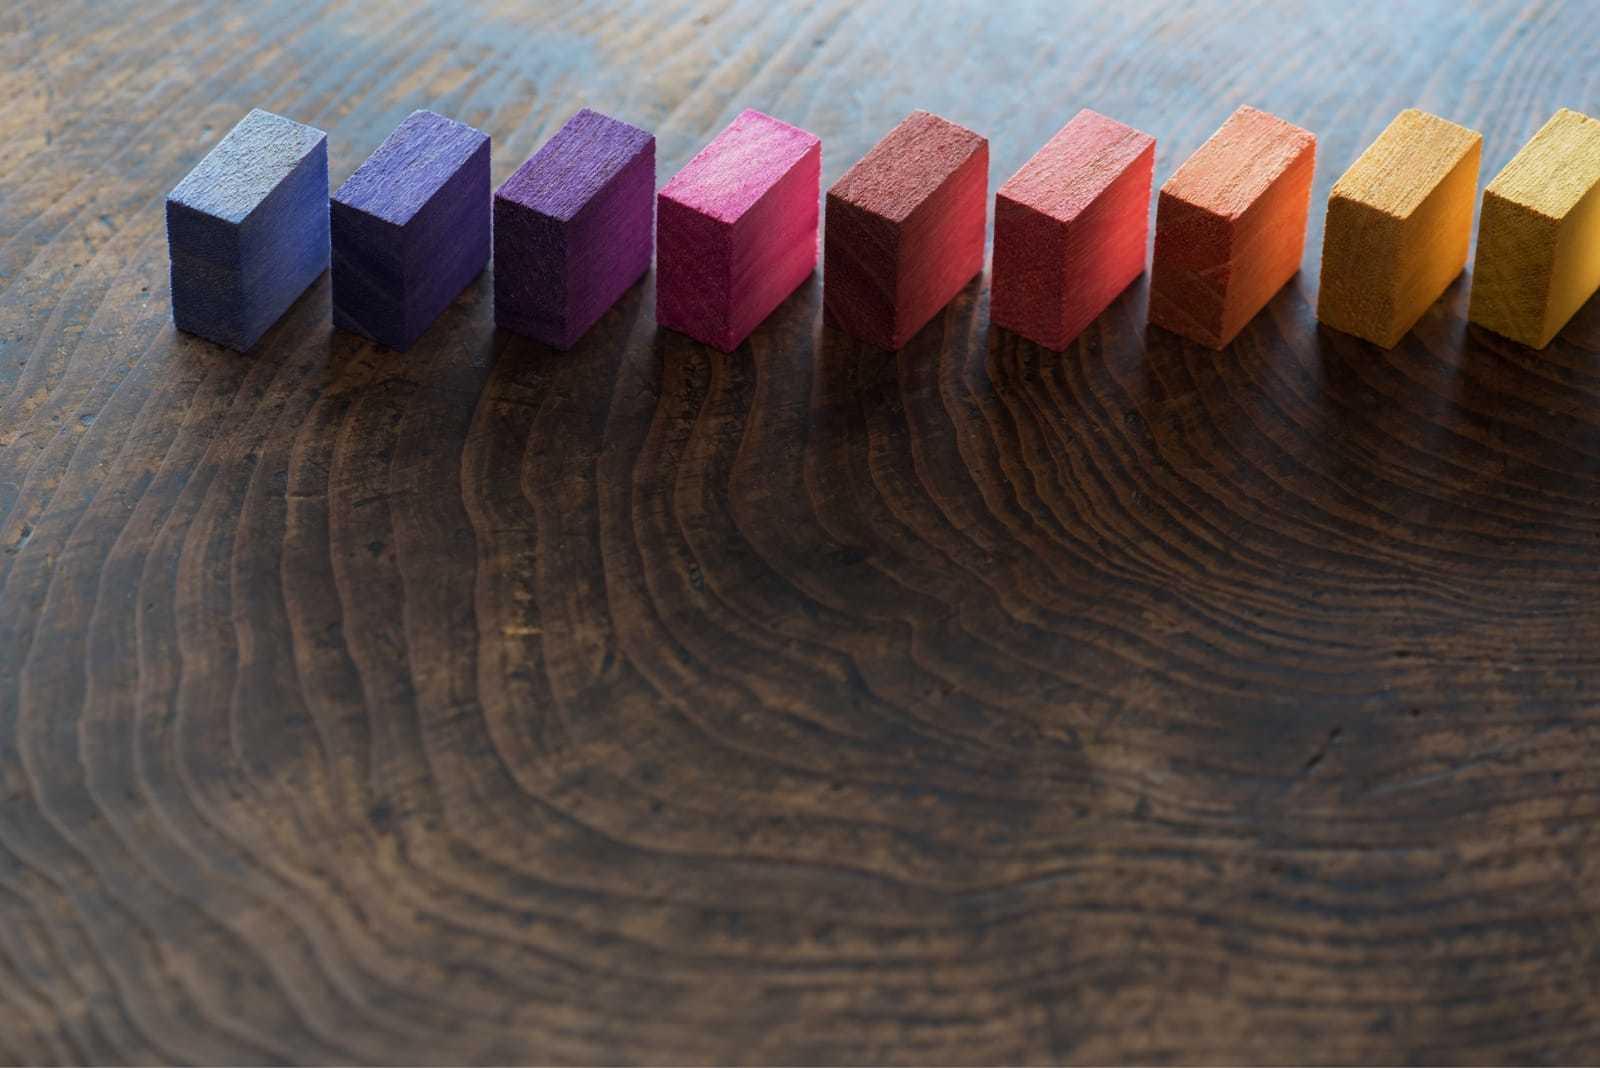 カラーブロックが並ぶ様子